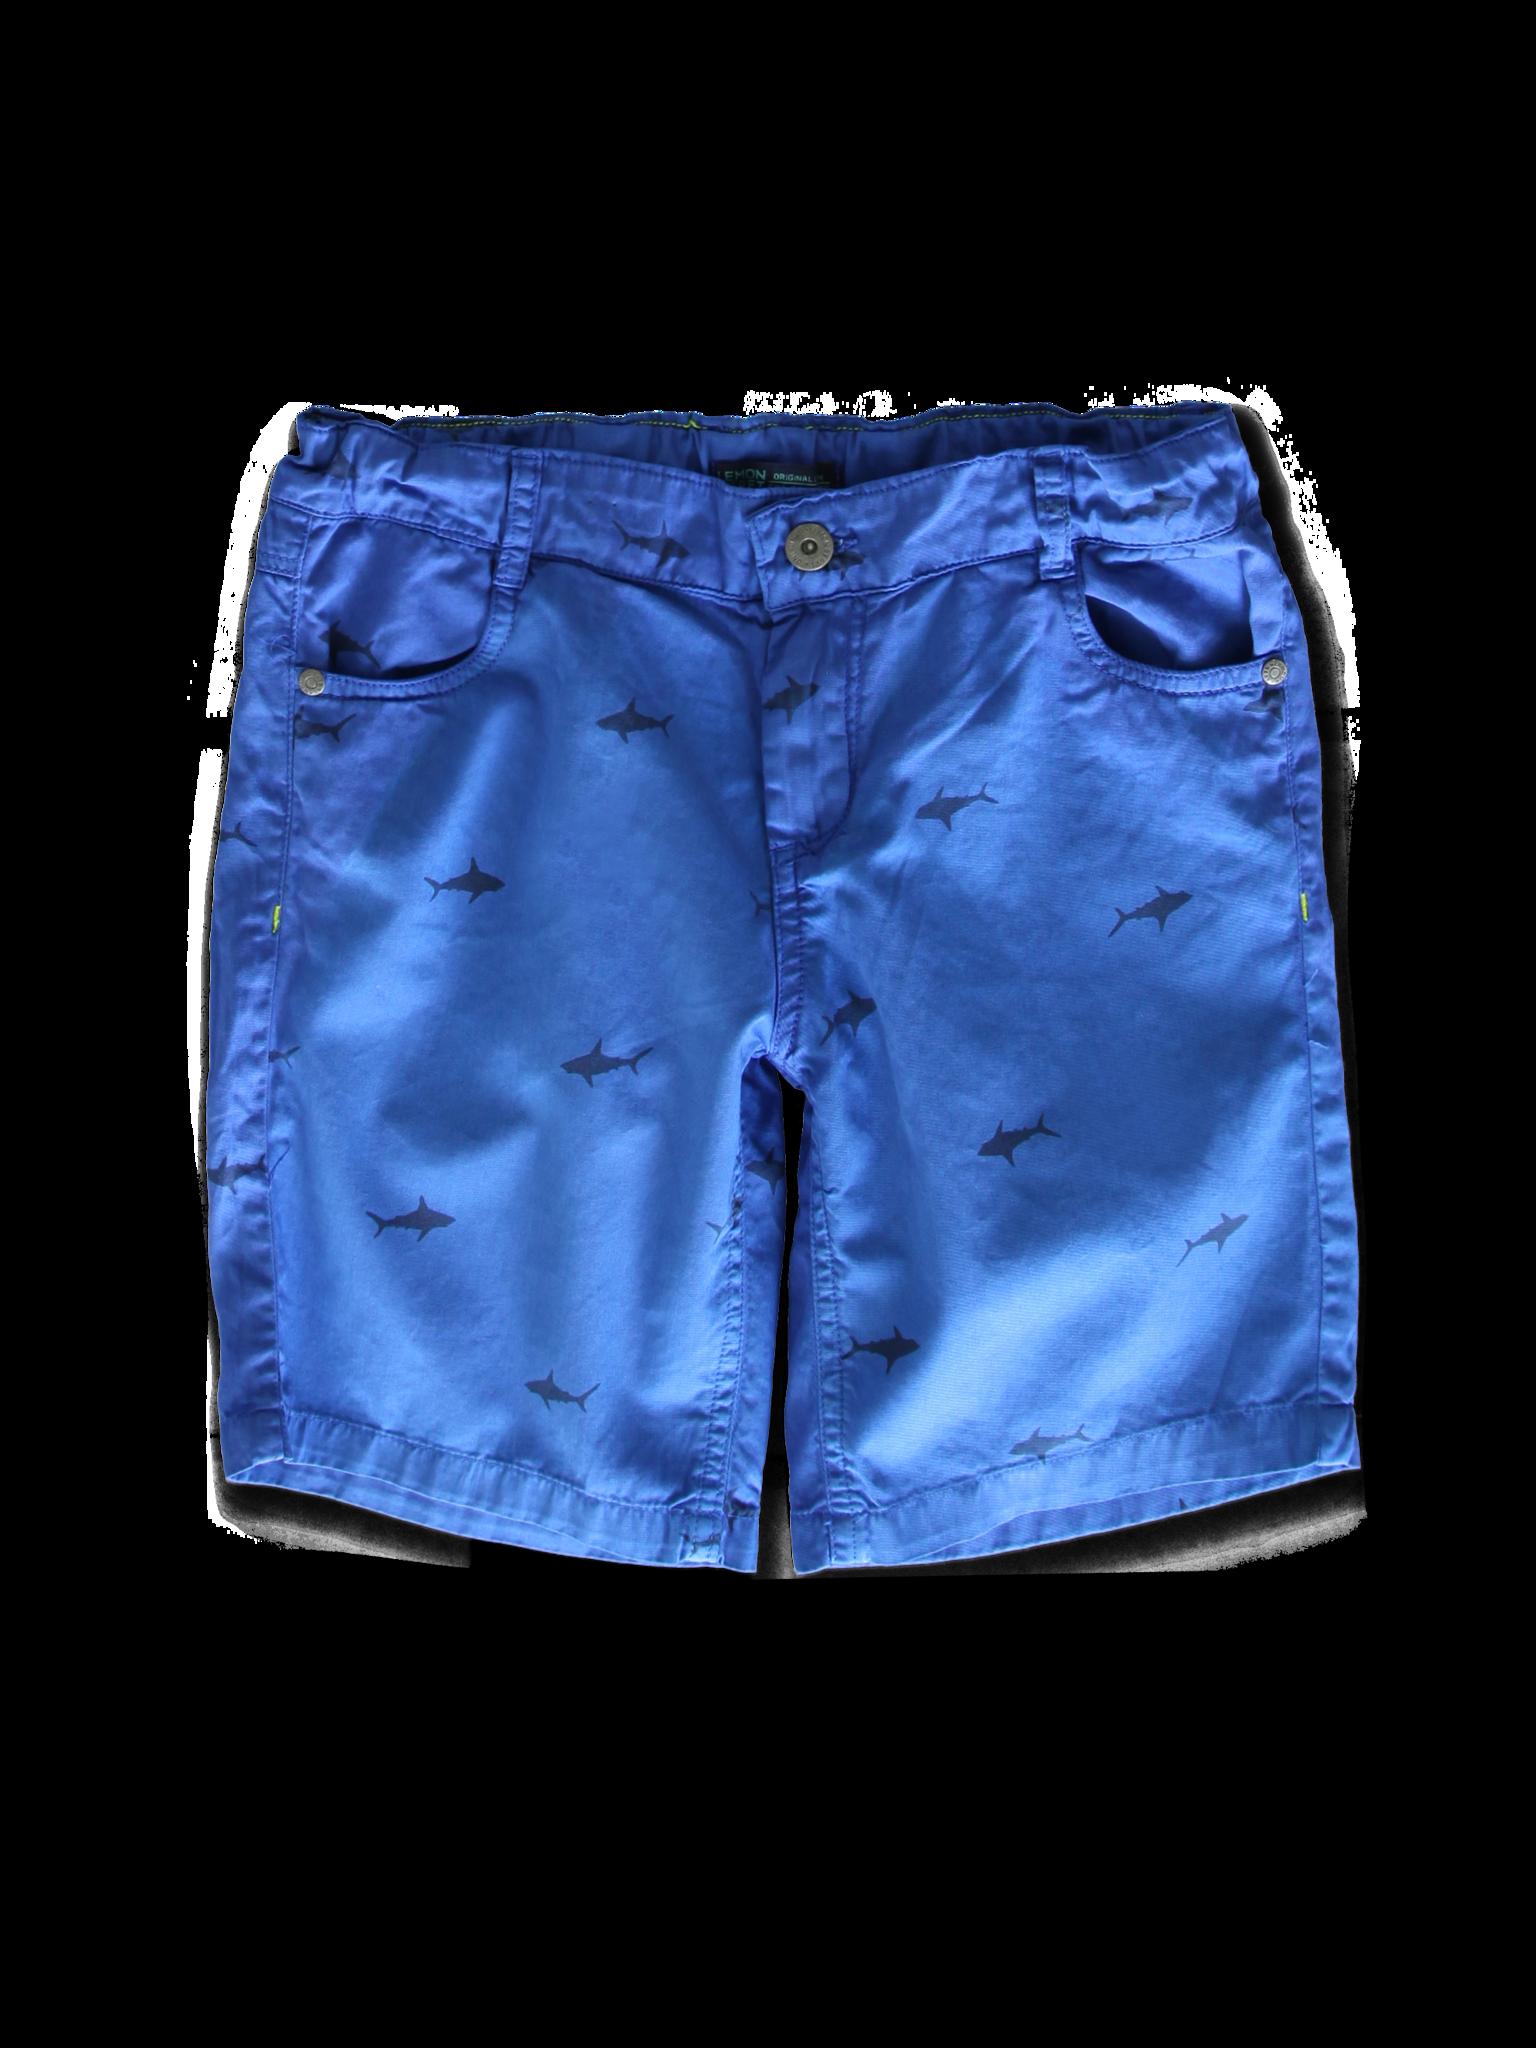 Lemon Beret | Summer 2020 Teen Boys | Bermuda | 10 pcs/box